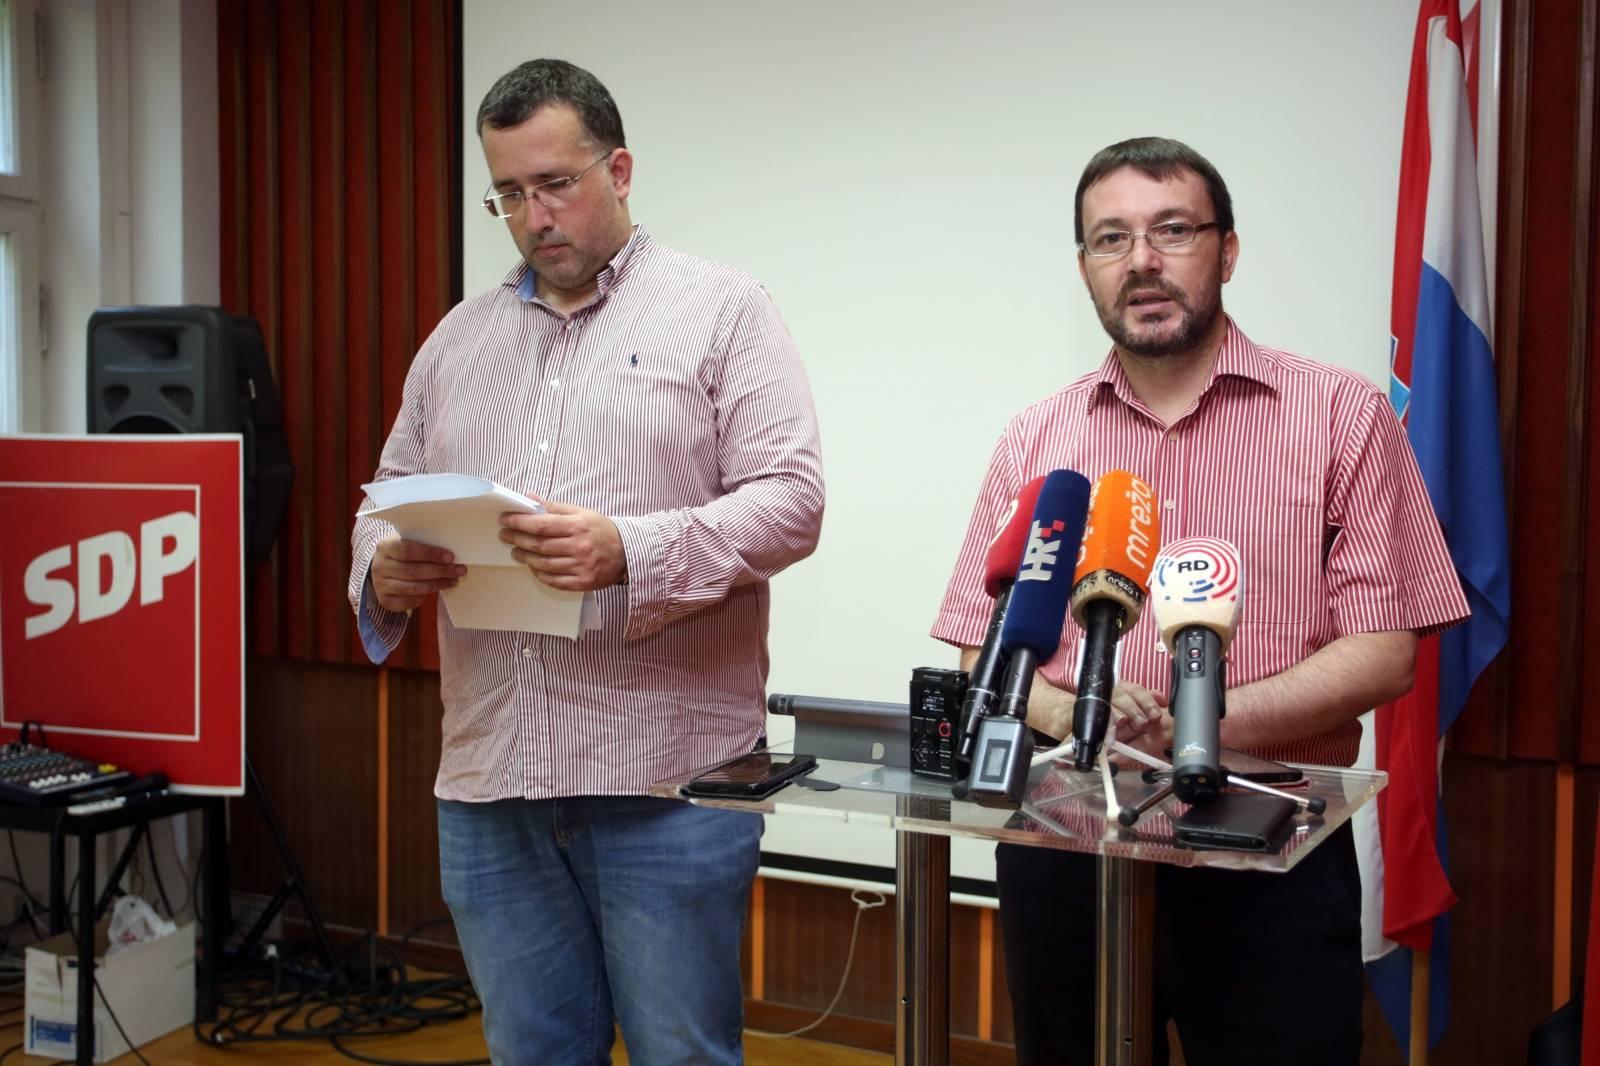 Split:  Arsen Bauk i i Goran Kotur predstavili SDP-ov antikorupcijski plan